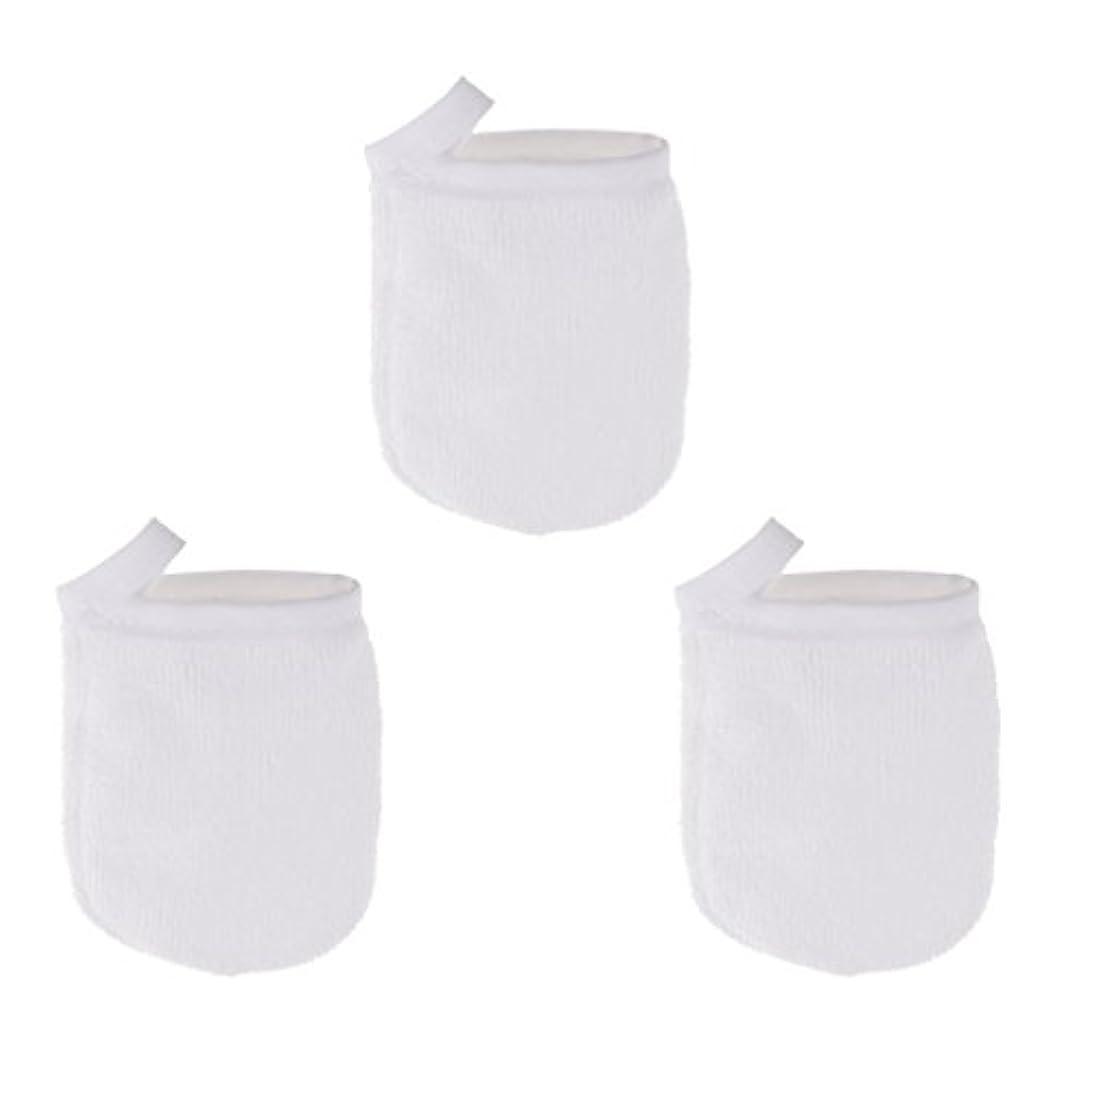 フレットスキニー論理的にToygogo 洗顔グローブ 手袋 ソフト フェイスクレンジンググローブ メイクリムーバー スキンケア 3個